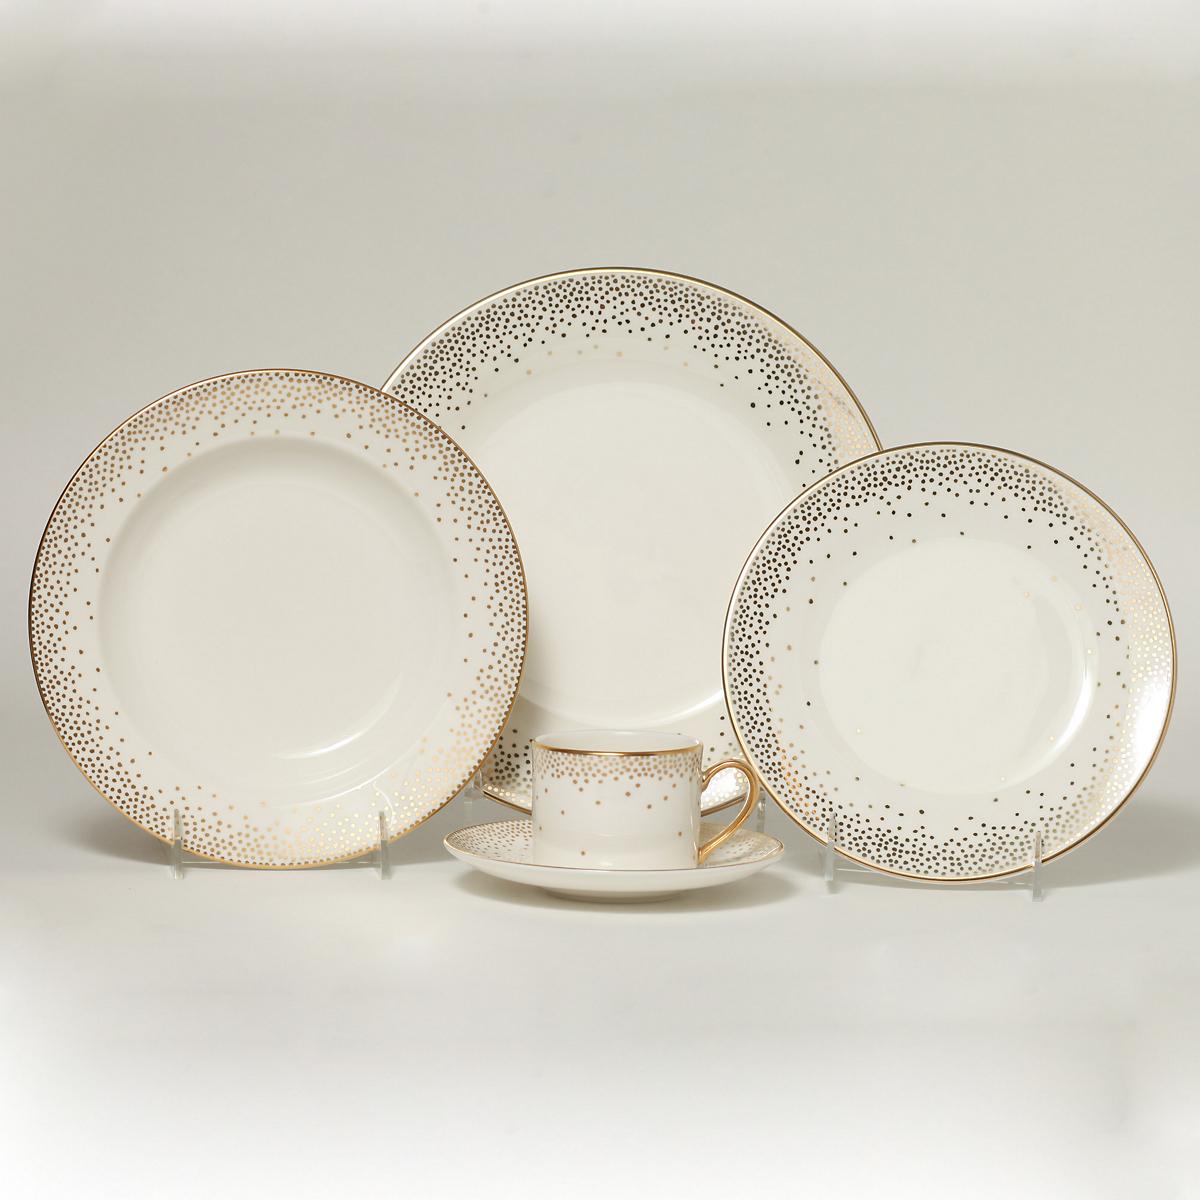 Kelly Wearstler For Pickard Trousdale Dinnerware & Kelly Wearstler For Pickard Trousdale Dinnerware | Gumpu0027s